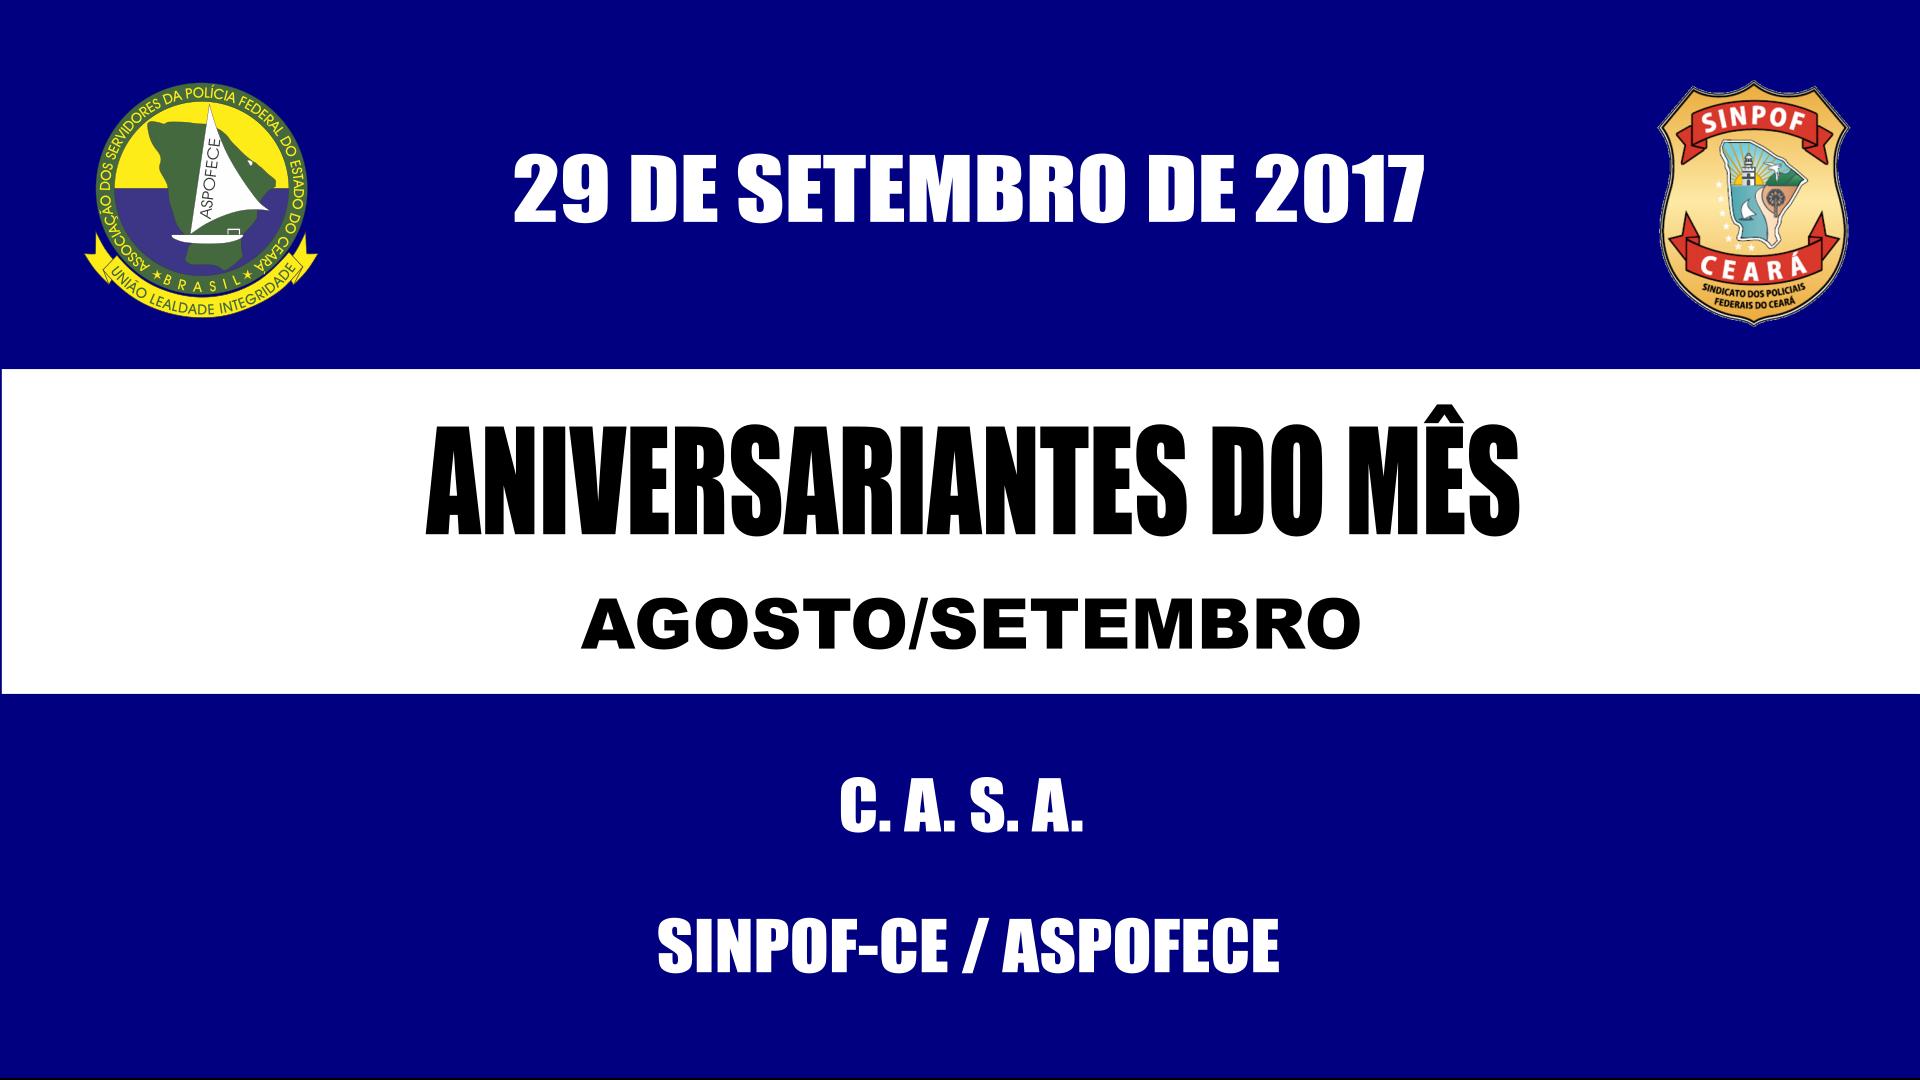 Confraternização dos aniversariantes dos meses de agosto e setembro de 2017